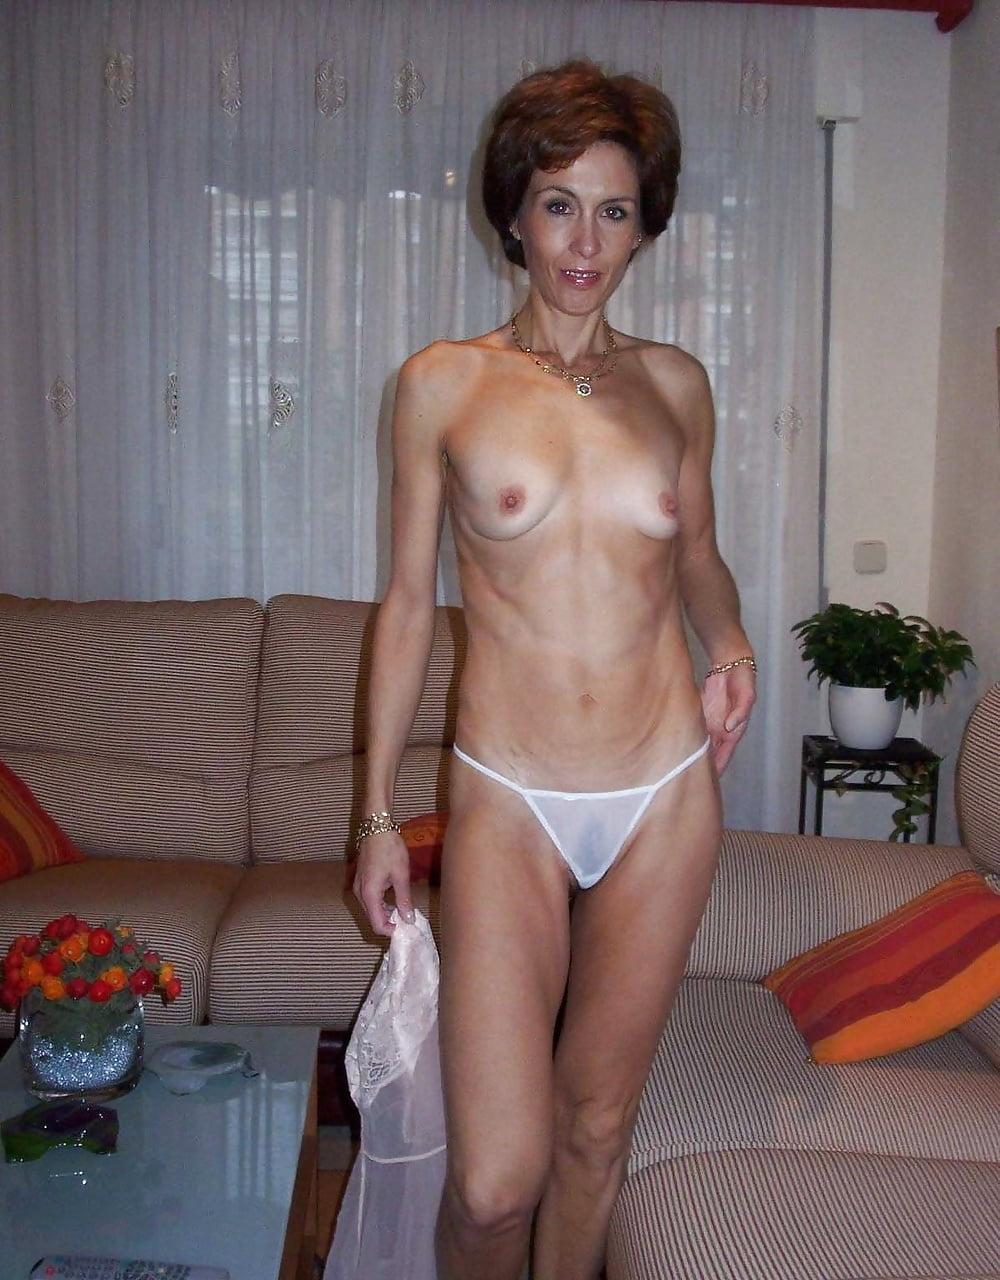 худые голые зрелые женщины осмотр